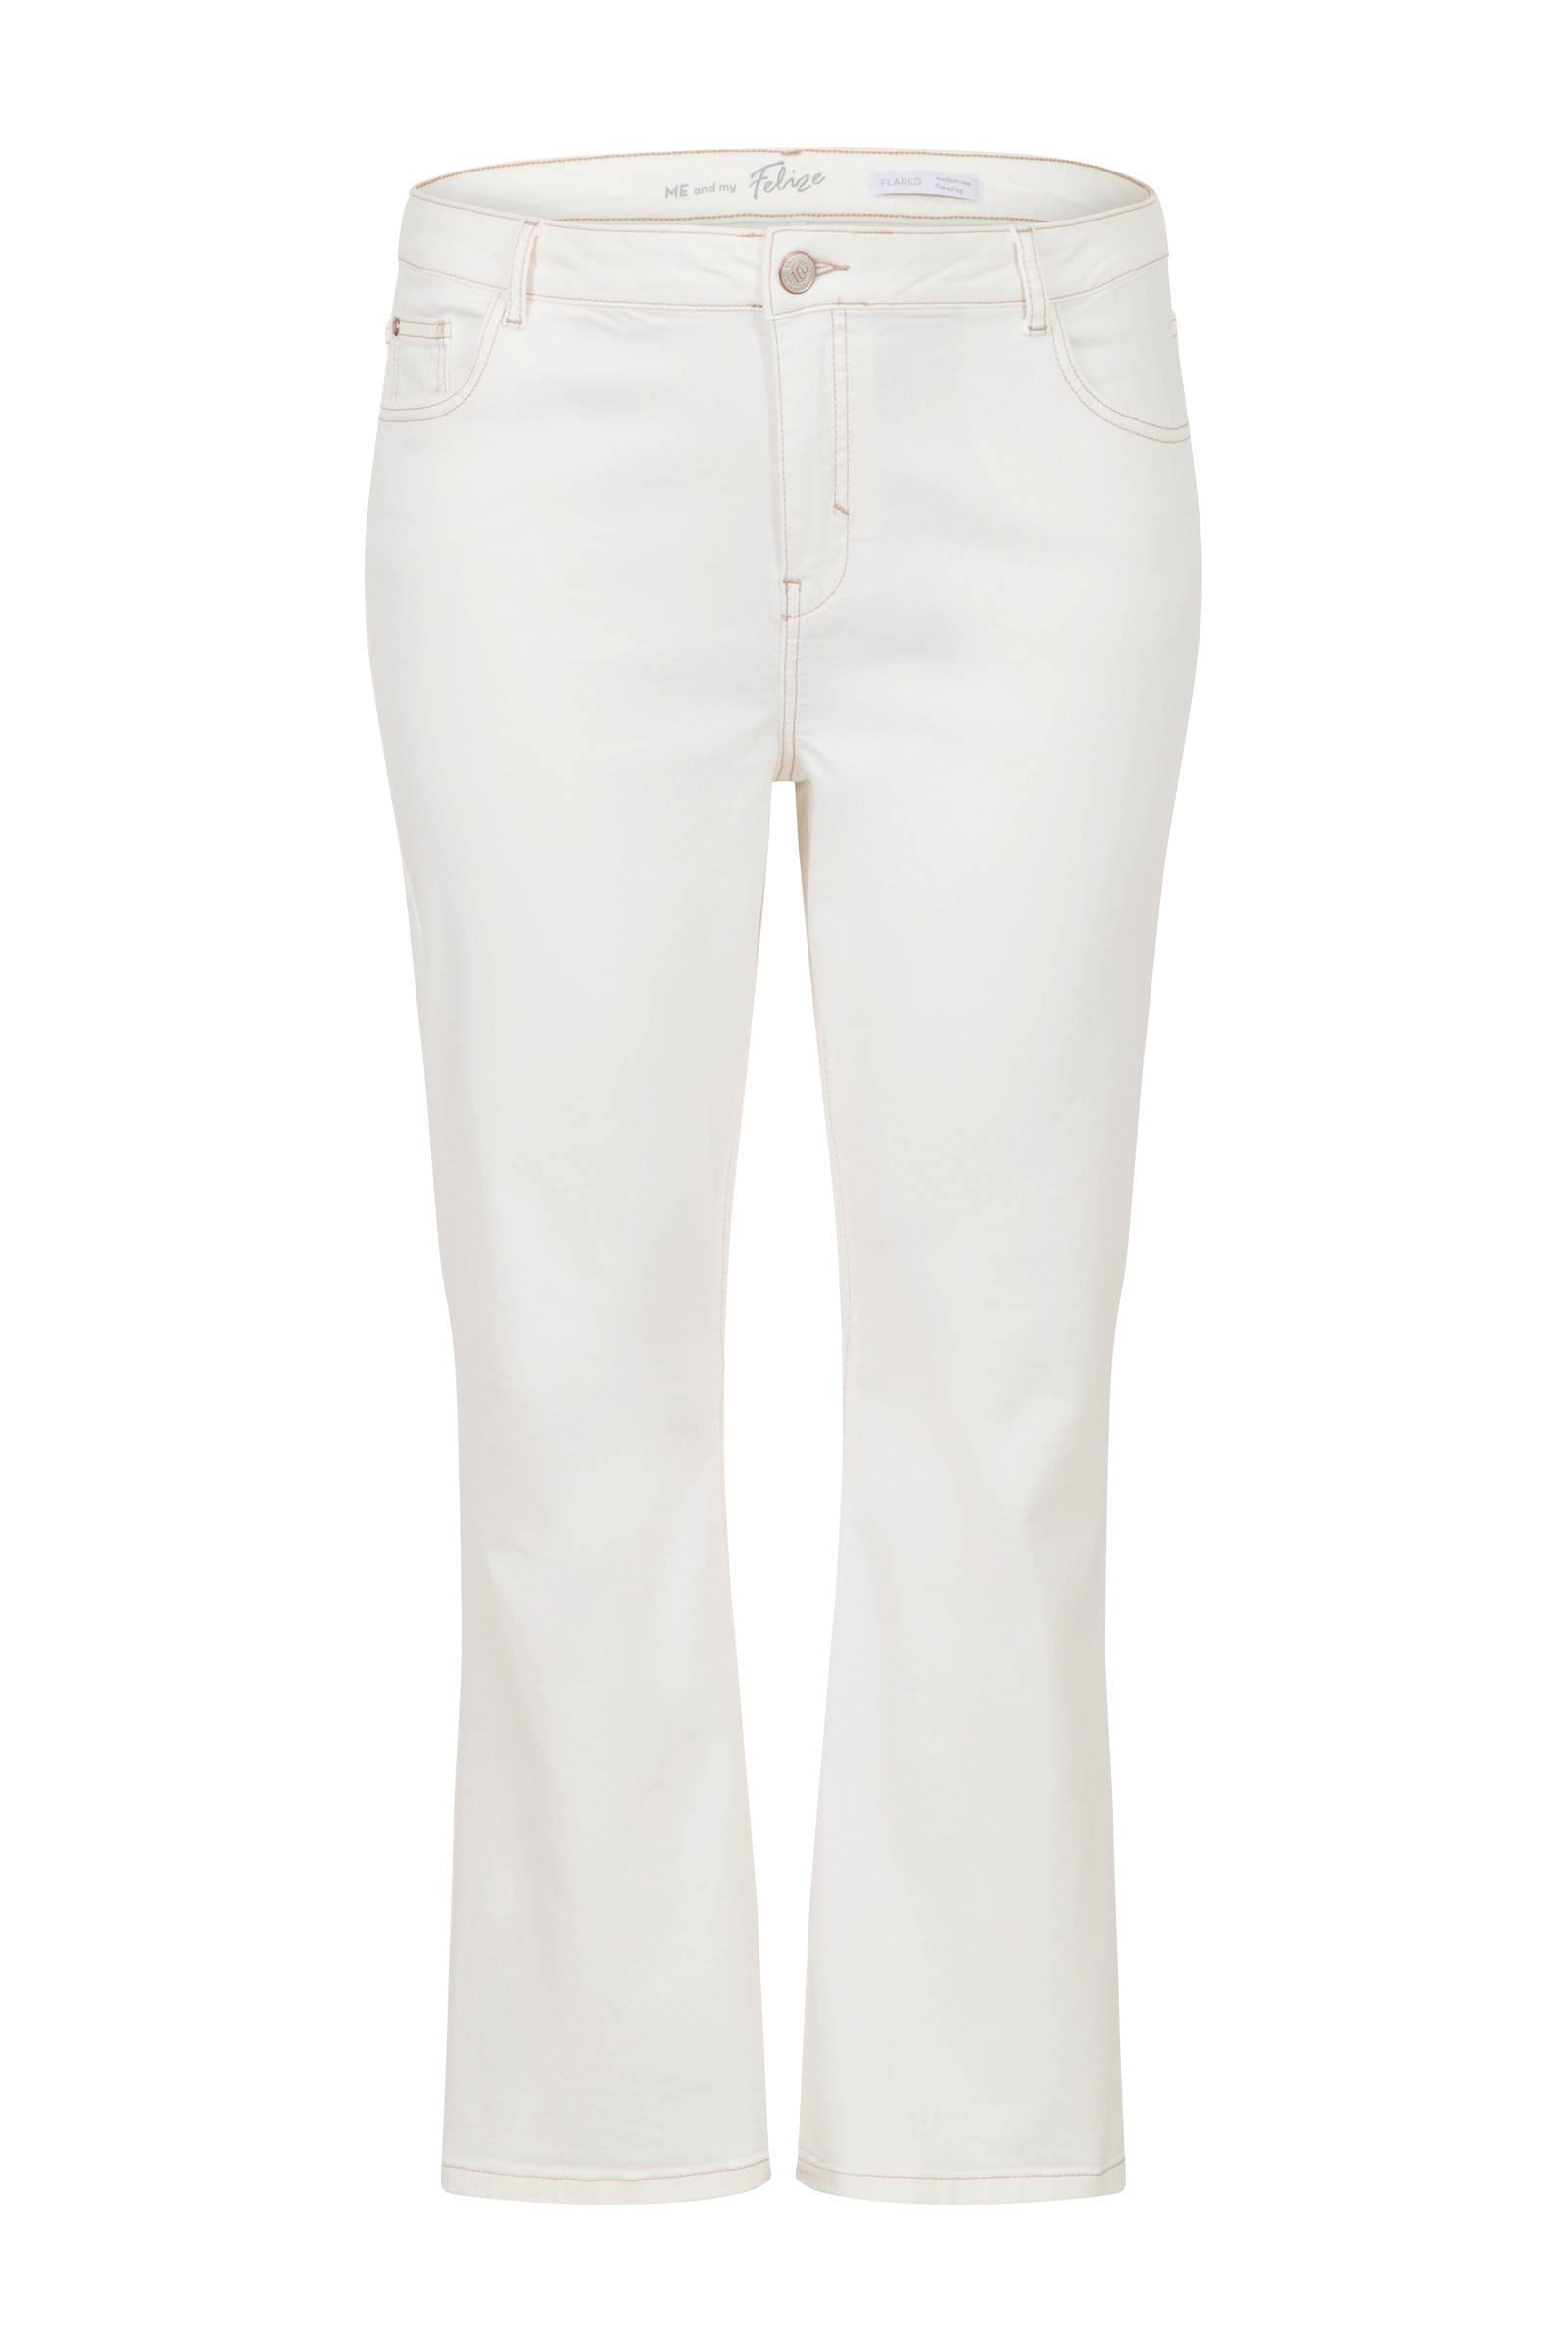 Dames flared jeans bij wehkamp Gratis bezorging vanaf 20.